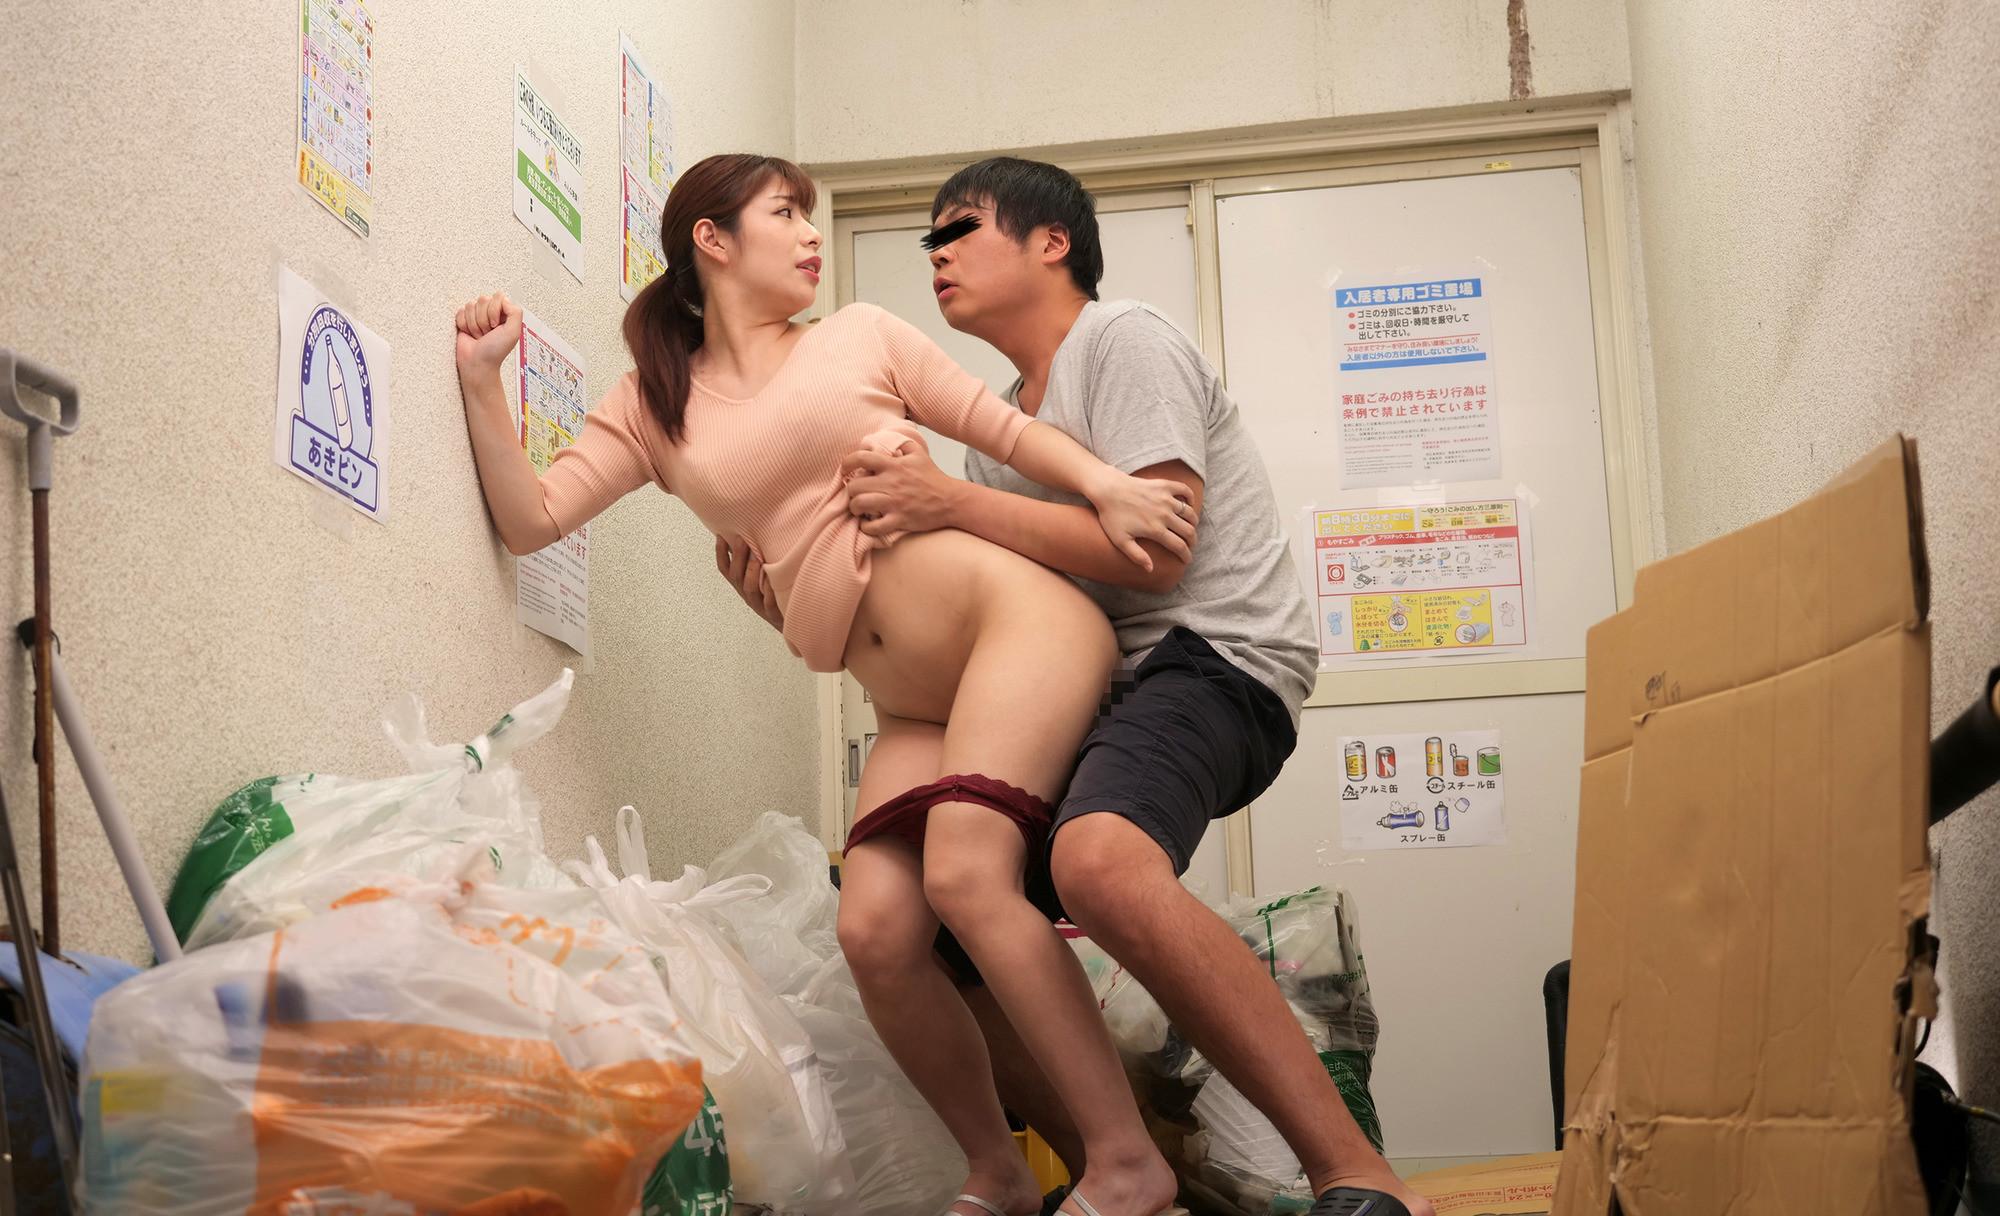 奥さん誘ってる!?タイトワンピの透け尻が挑発していると勘違いして即ハメ!怒られると思ったら自宅に誘ってきたセックスレス妻 つかささん(33歳)ヒップ94センチ